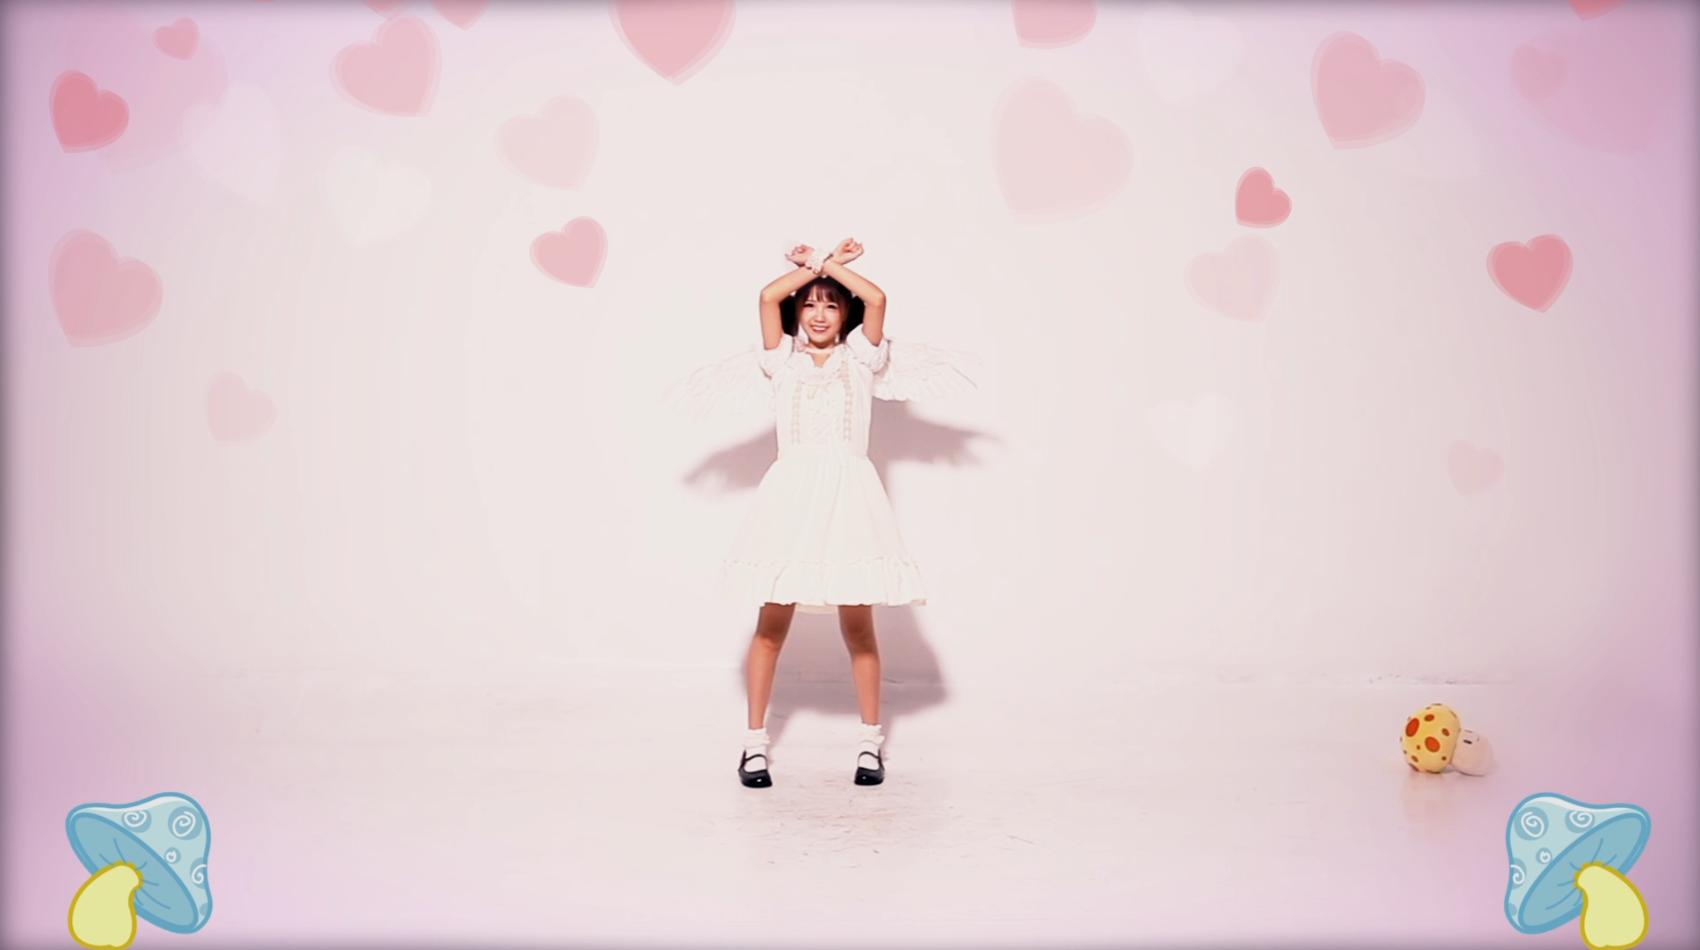 反差萌?Yui翻跳《野蛮人大作战》游戏宅舞 全程围观裙底-ANICOGA